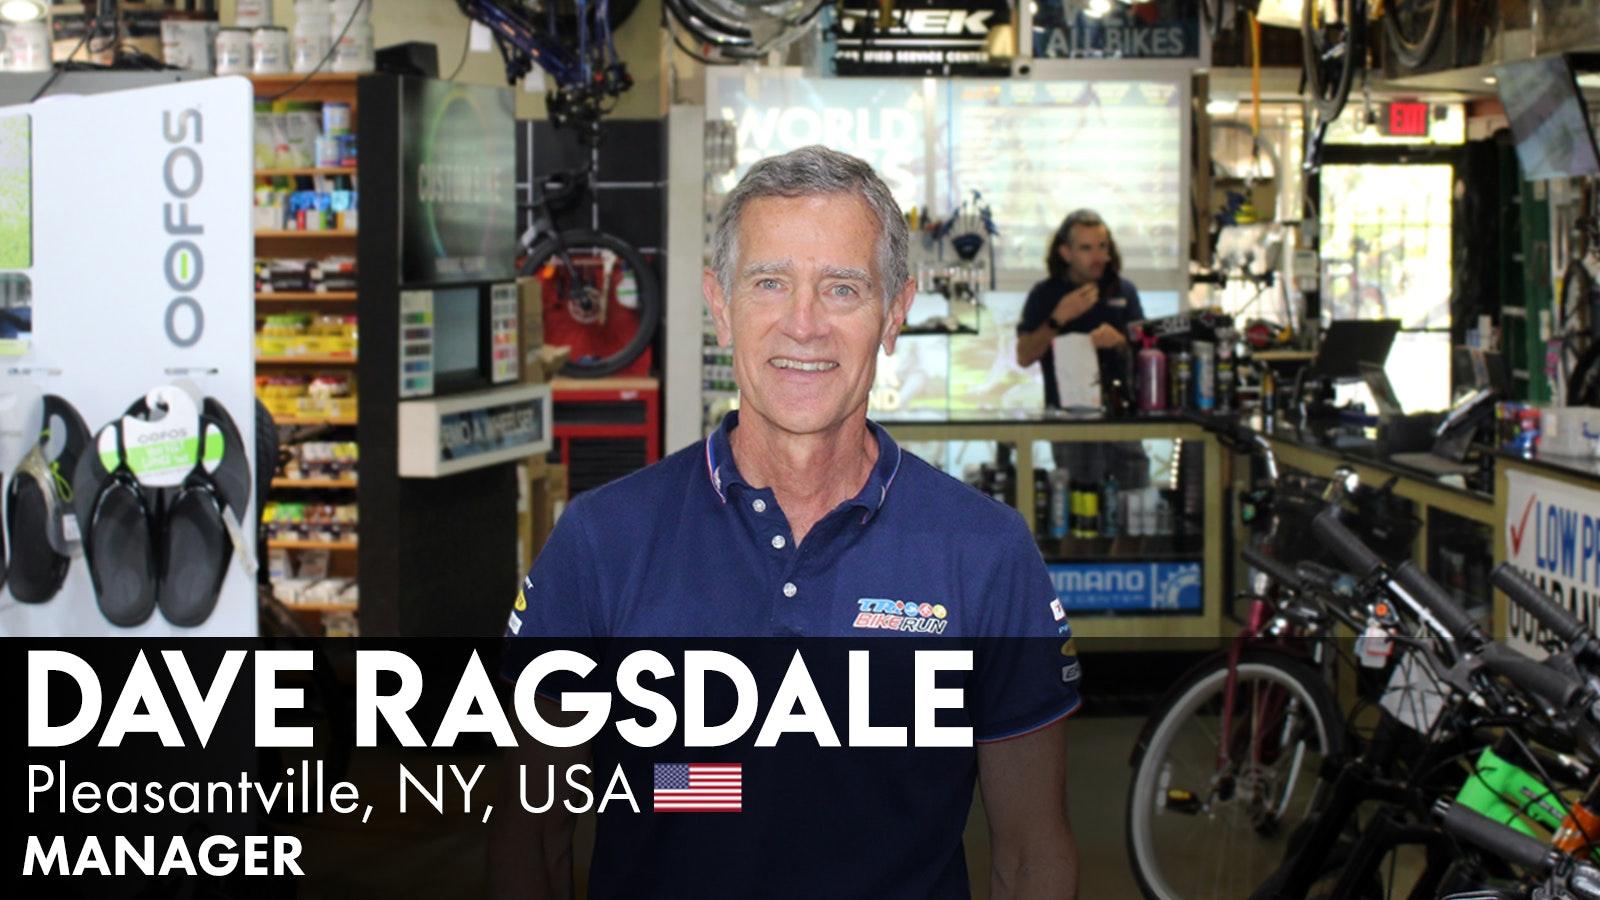 Dave Ragsdale